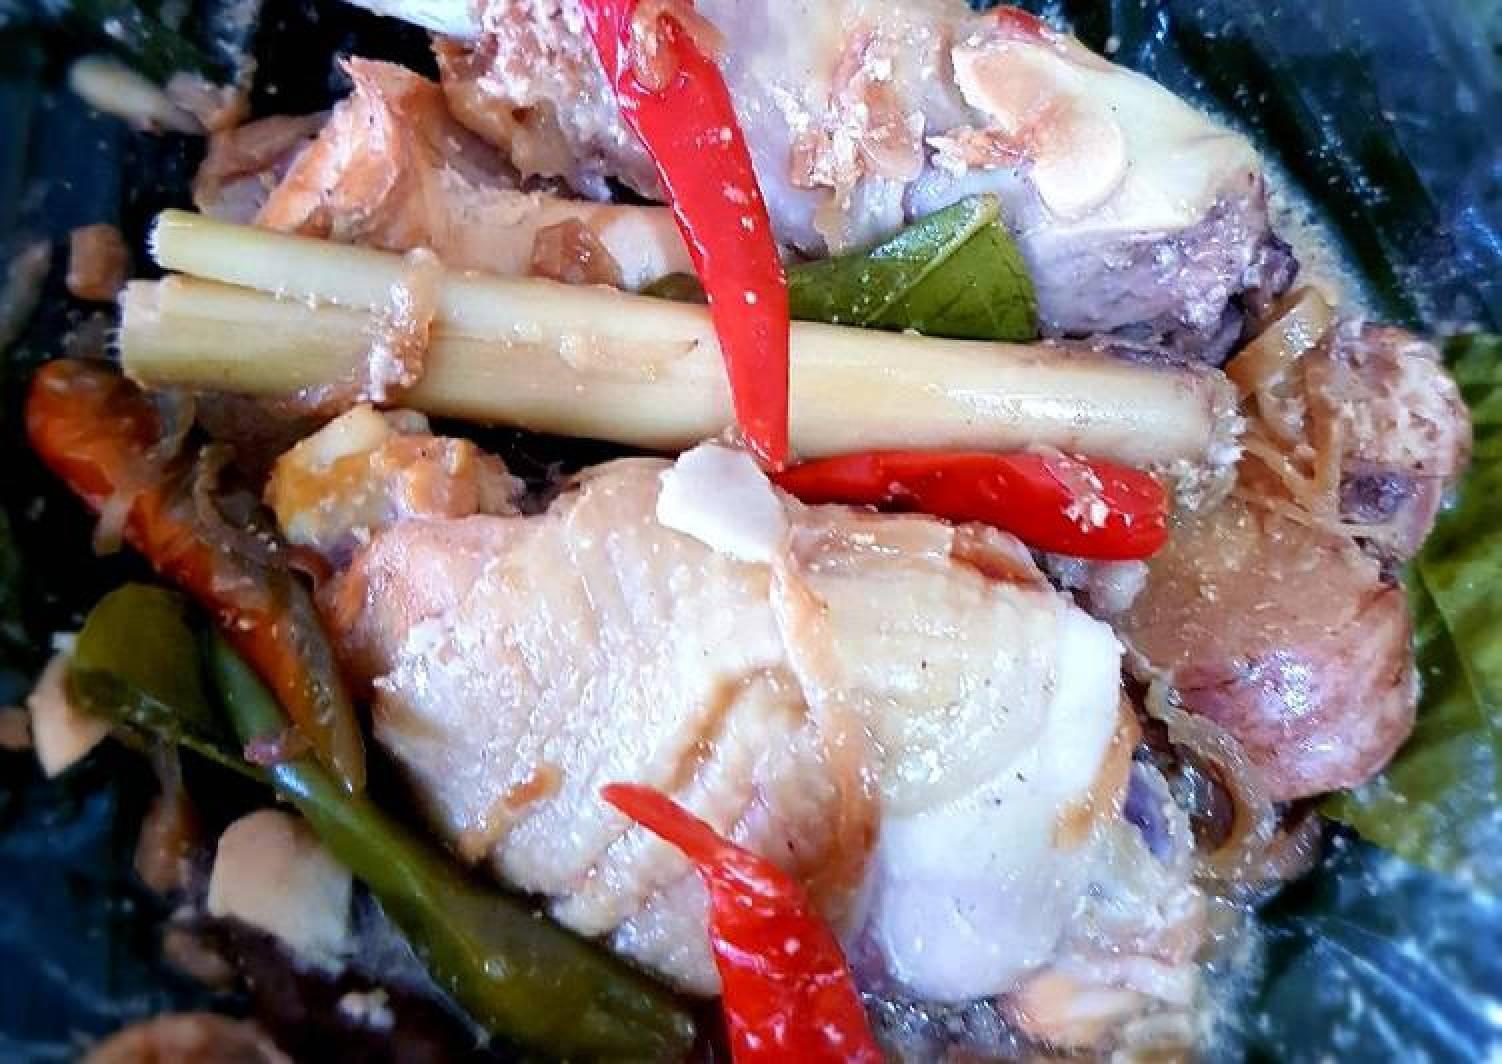 GARANG ASEM (Chicken Steamed in Banana Leaves)